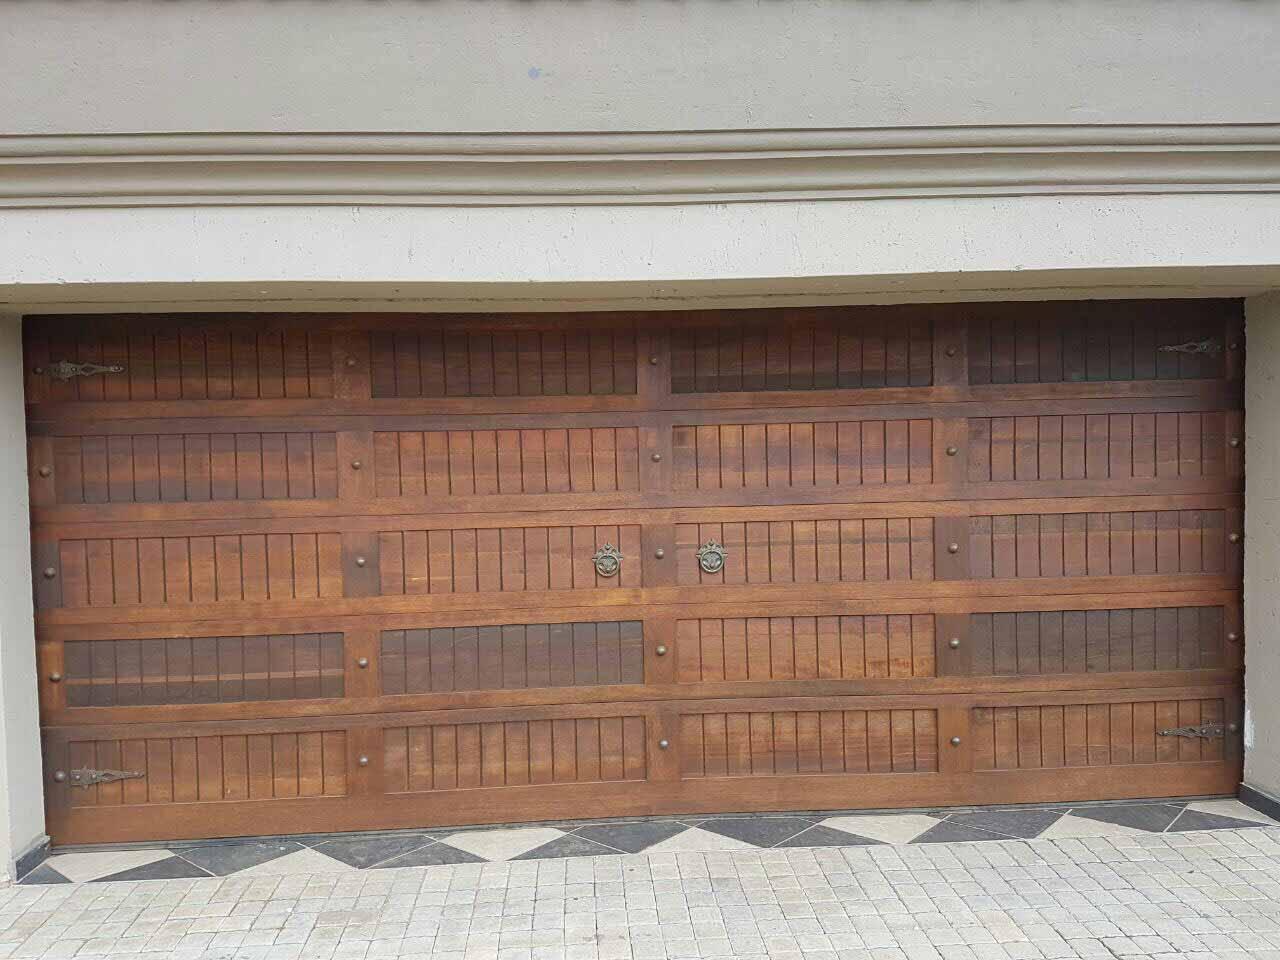 960 #8B5E40 Doors Single 20 Panel Door Single Slatted Doors Steel White Lux A Door  save image Garage Doors Brands 38471280